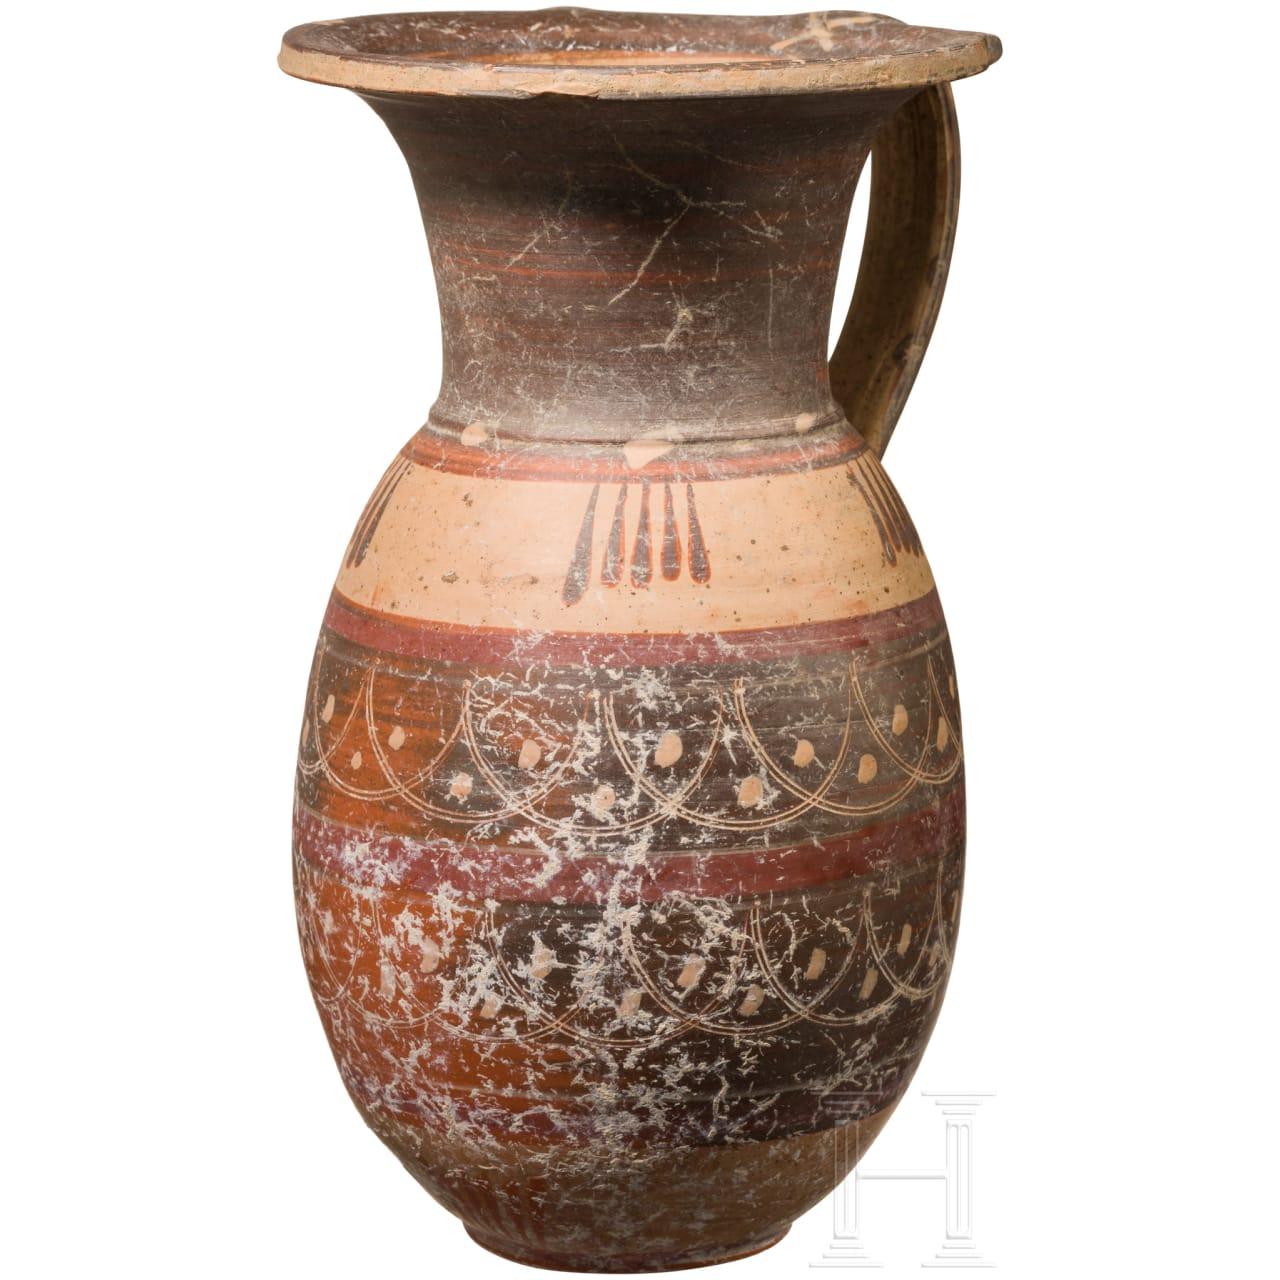 Etrusko-korinthische Kanne, spätes 7. - frühes 6. Jhdt. v. Chr.